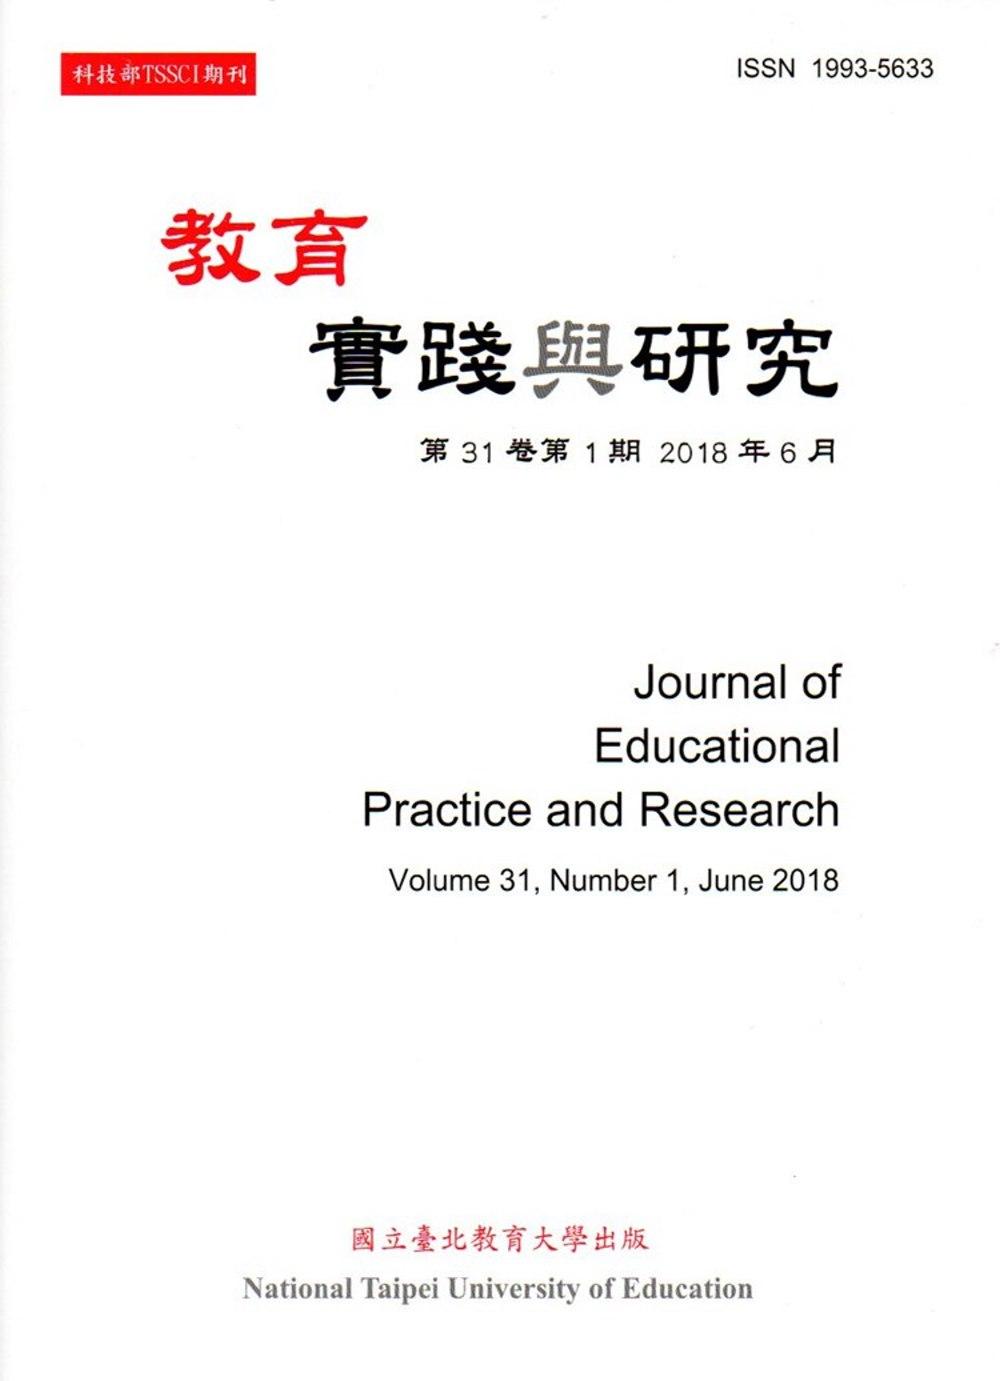 教育實踐與研究31卷1期(107/06)半年刊